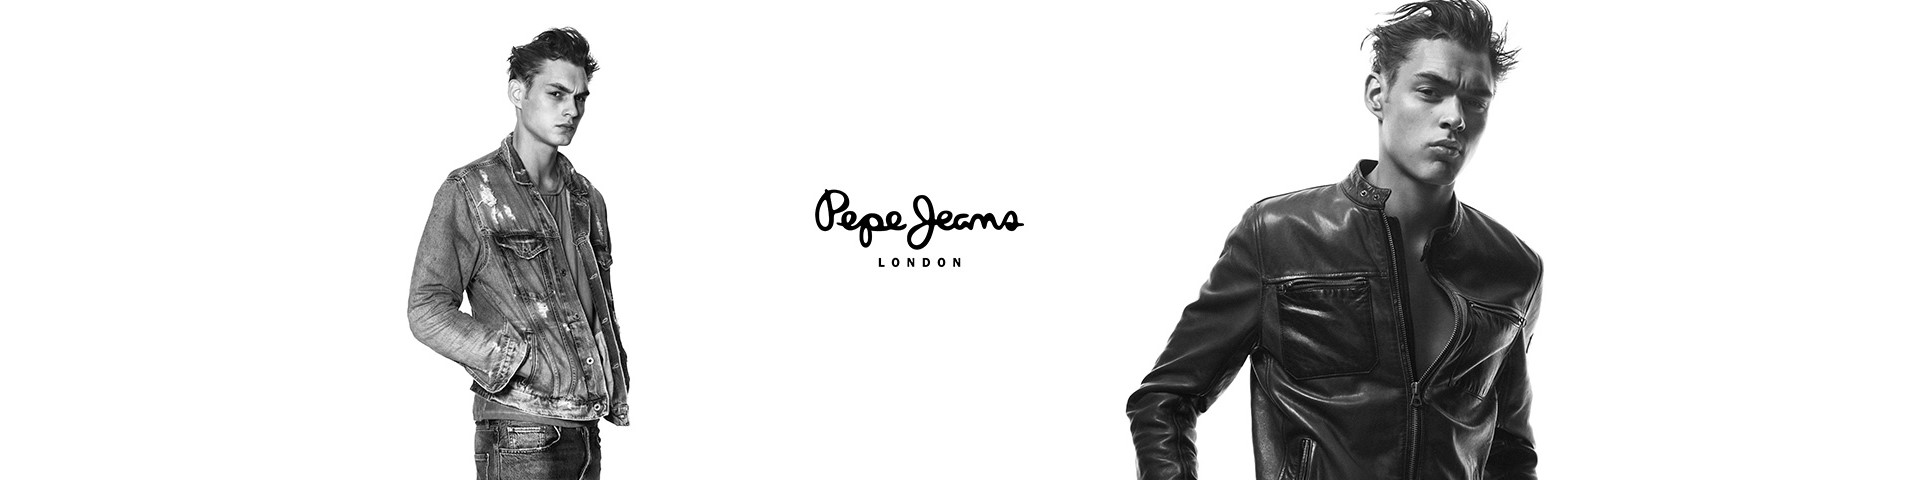 06848fb48a Vaqueros de hombre de Pepe Jeans